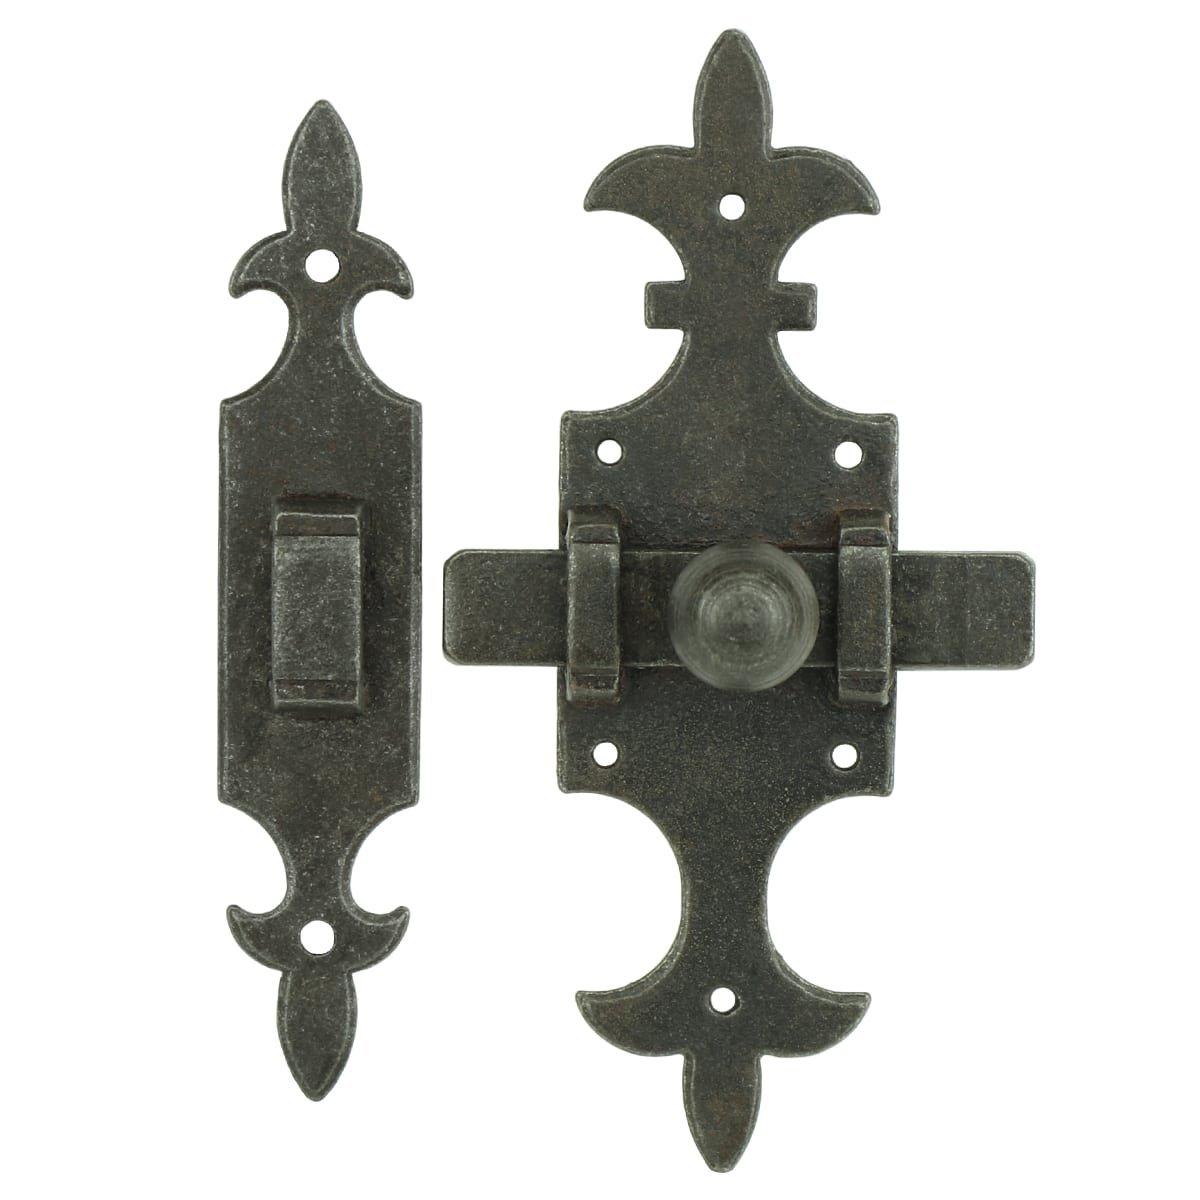 Türbeschläge Türschlösser Schließriegel mit schlossplatte eisen - 140 mm